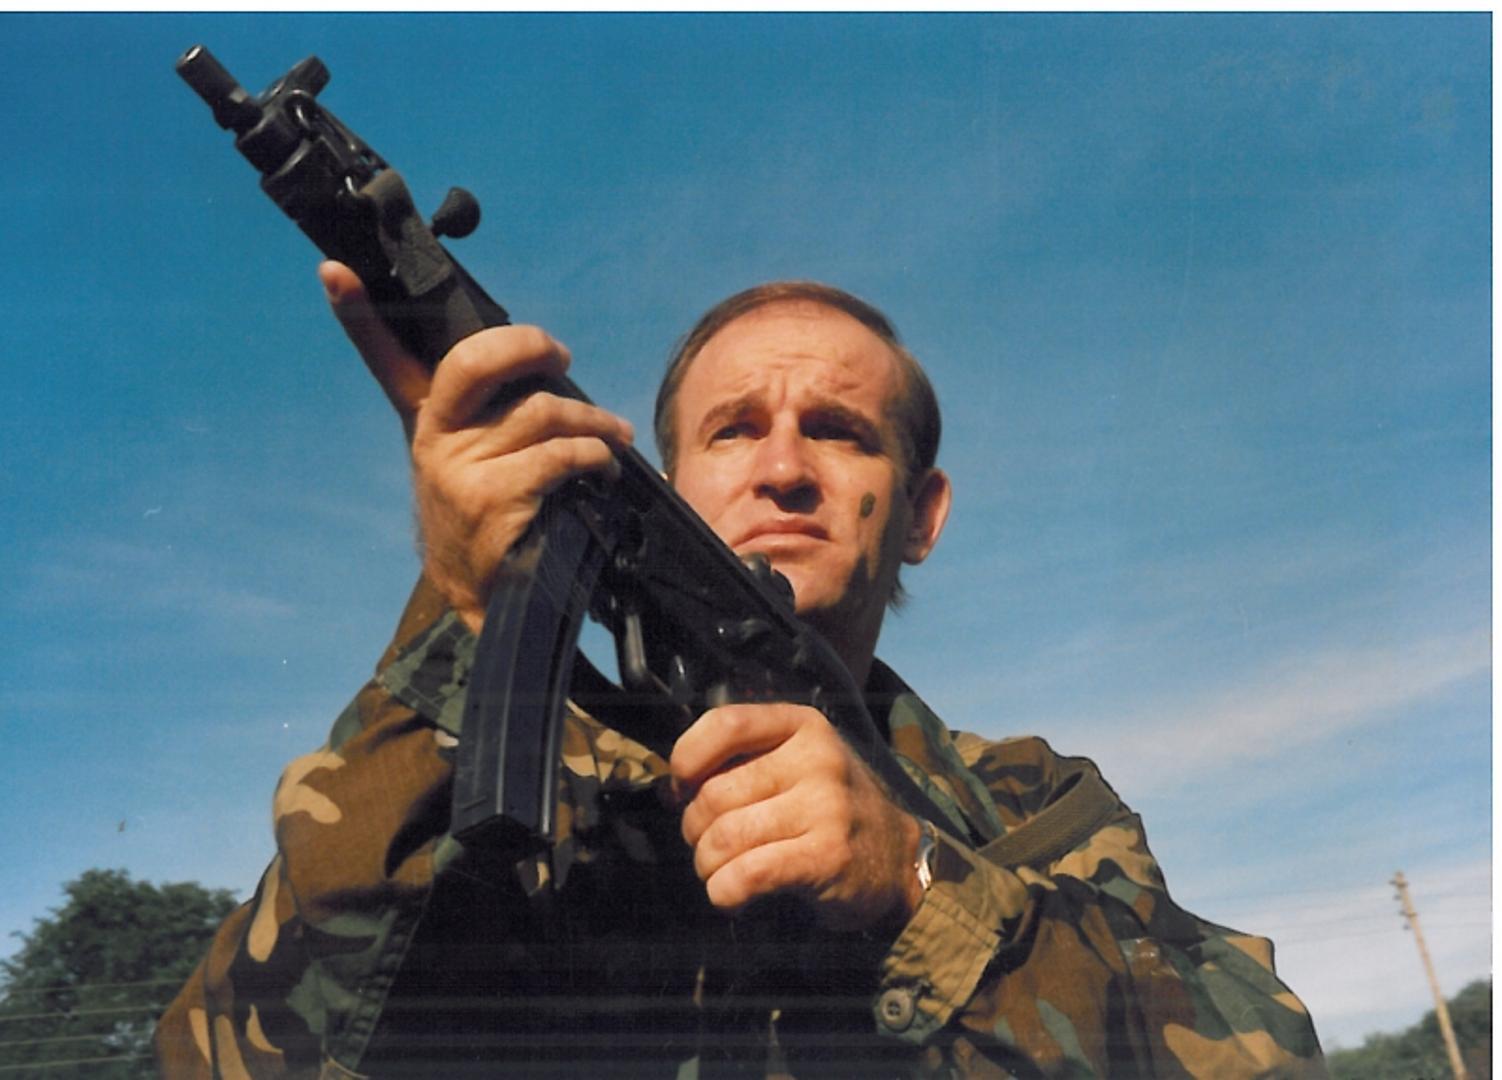 HRVATSKI JUNAK I MUČENIK: Na današnji dan 1991. godine ubijen je hrvatski emigrant, revolucionar i domoljub pukovnik HV-a Miro Barešić